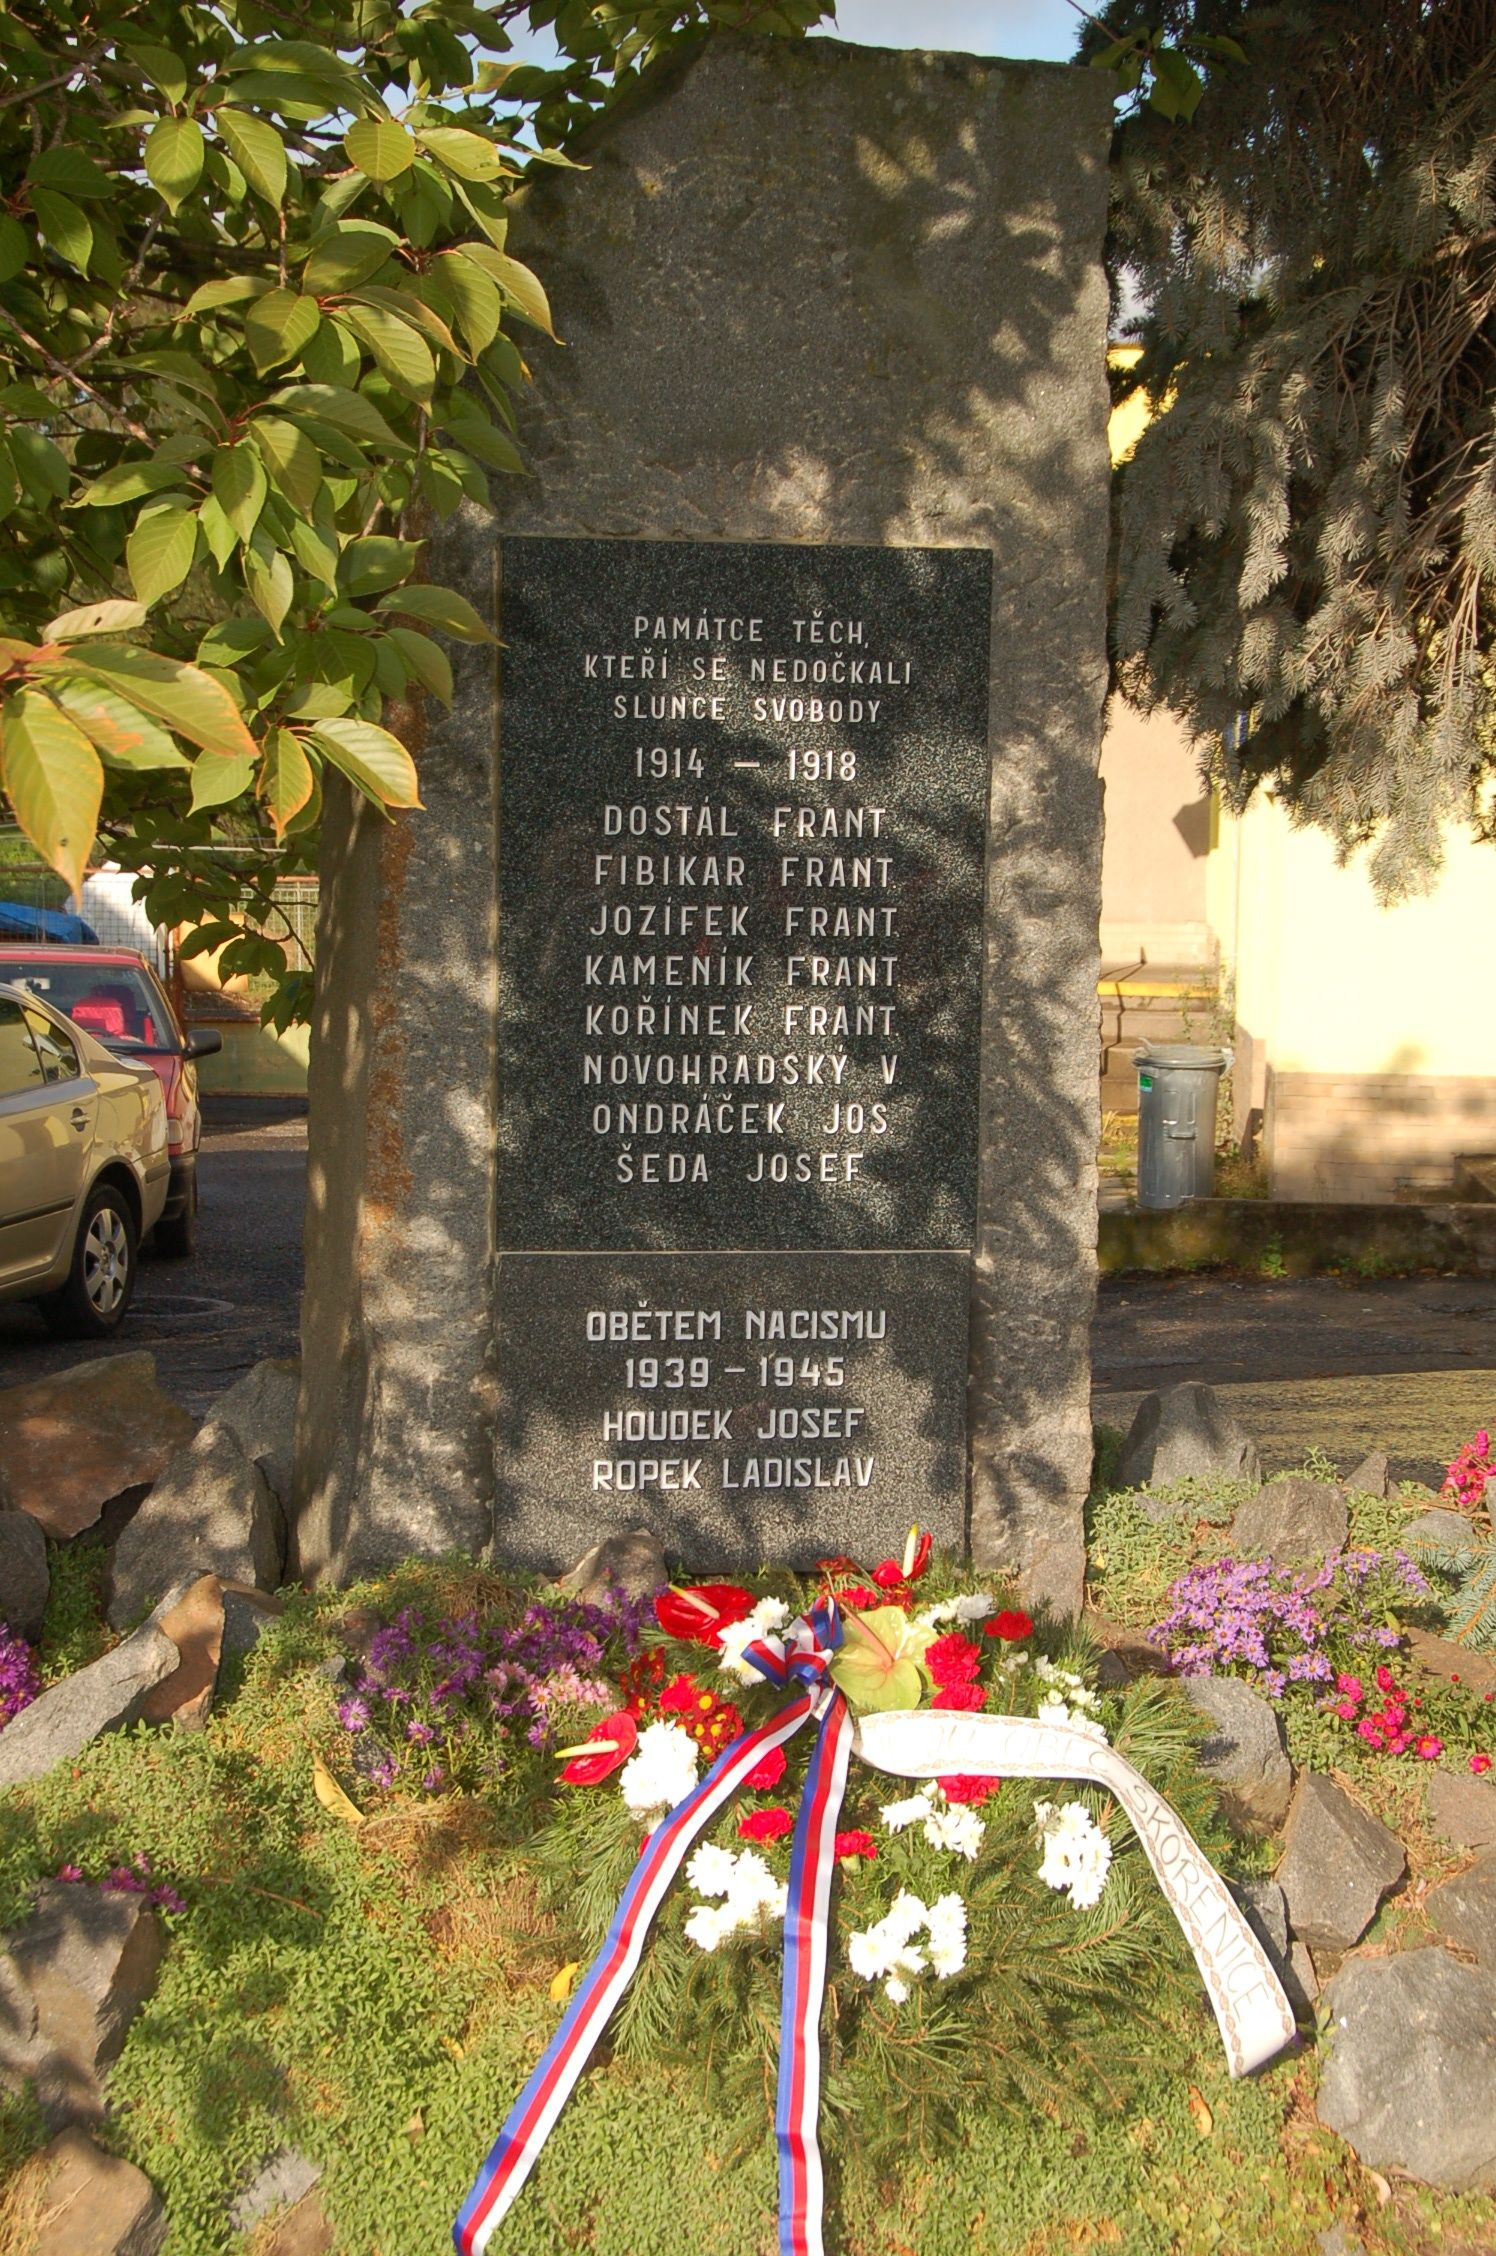 Posvěcení pomníku, říjen 2012